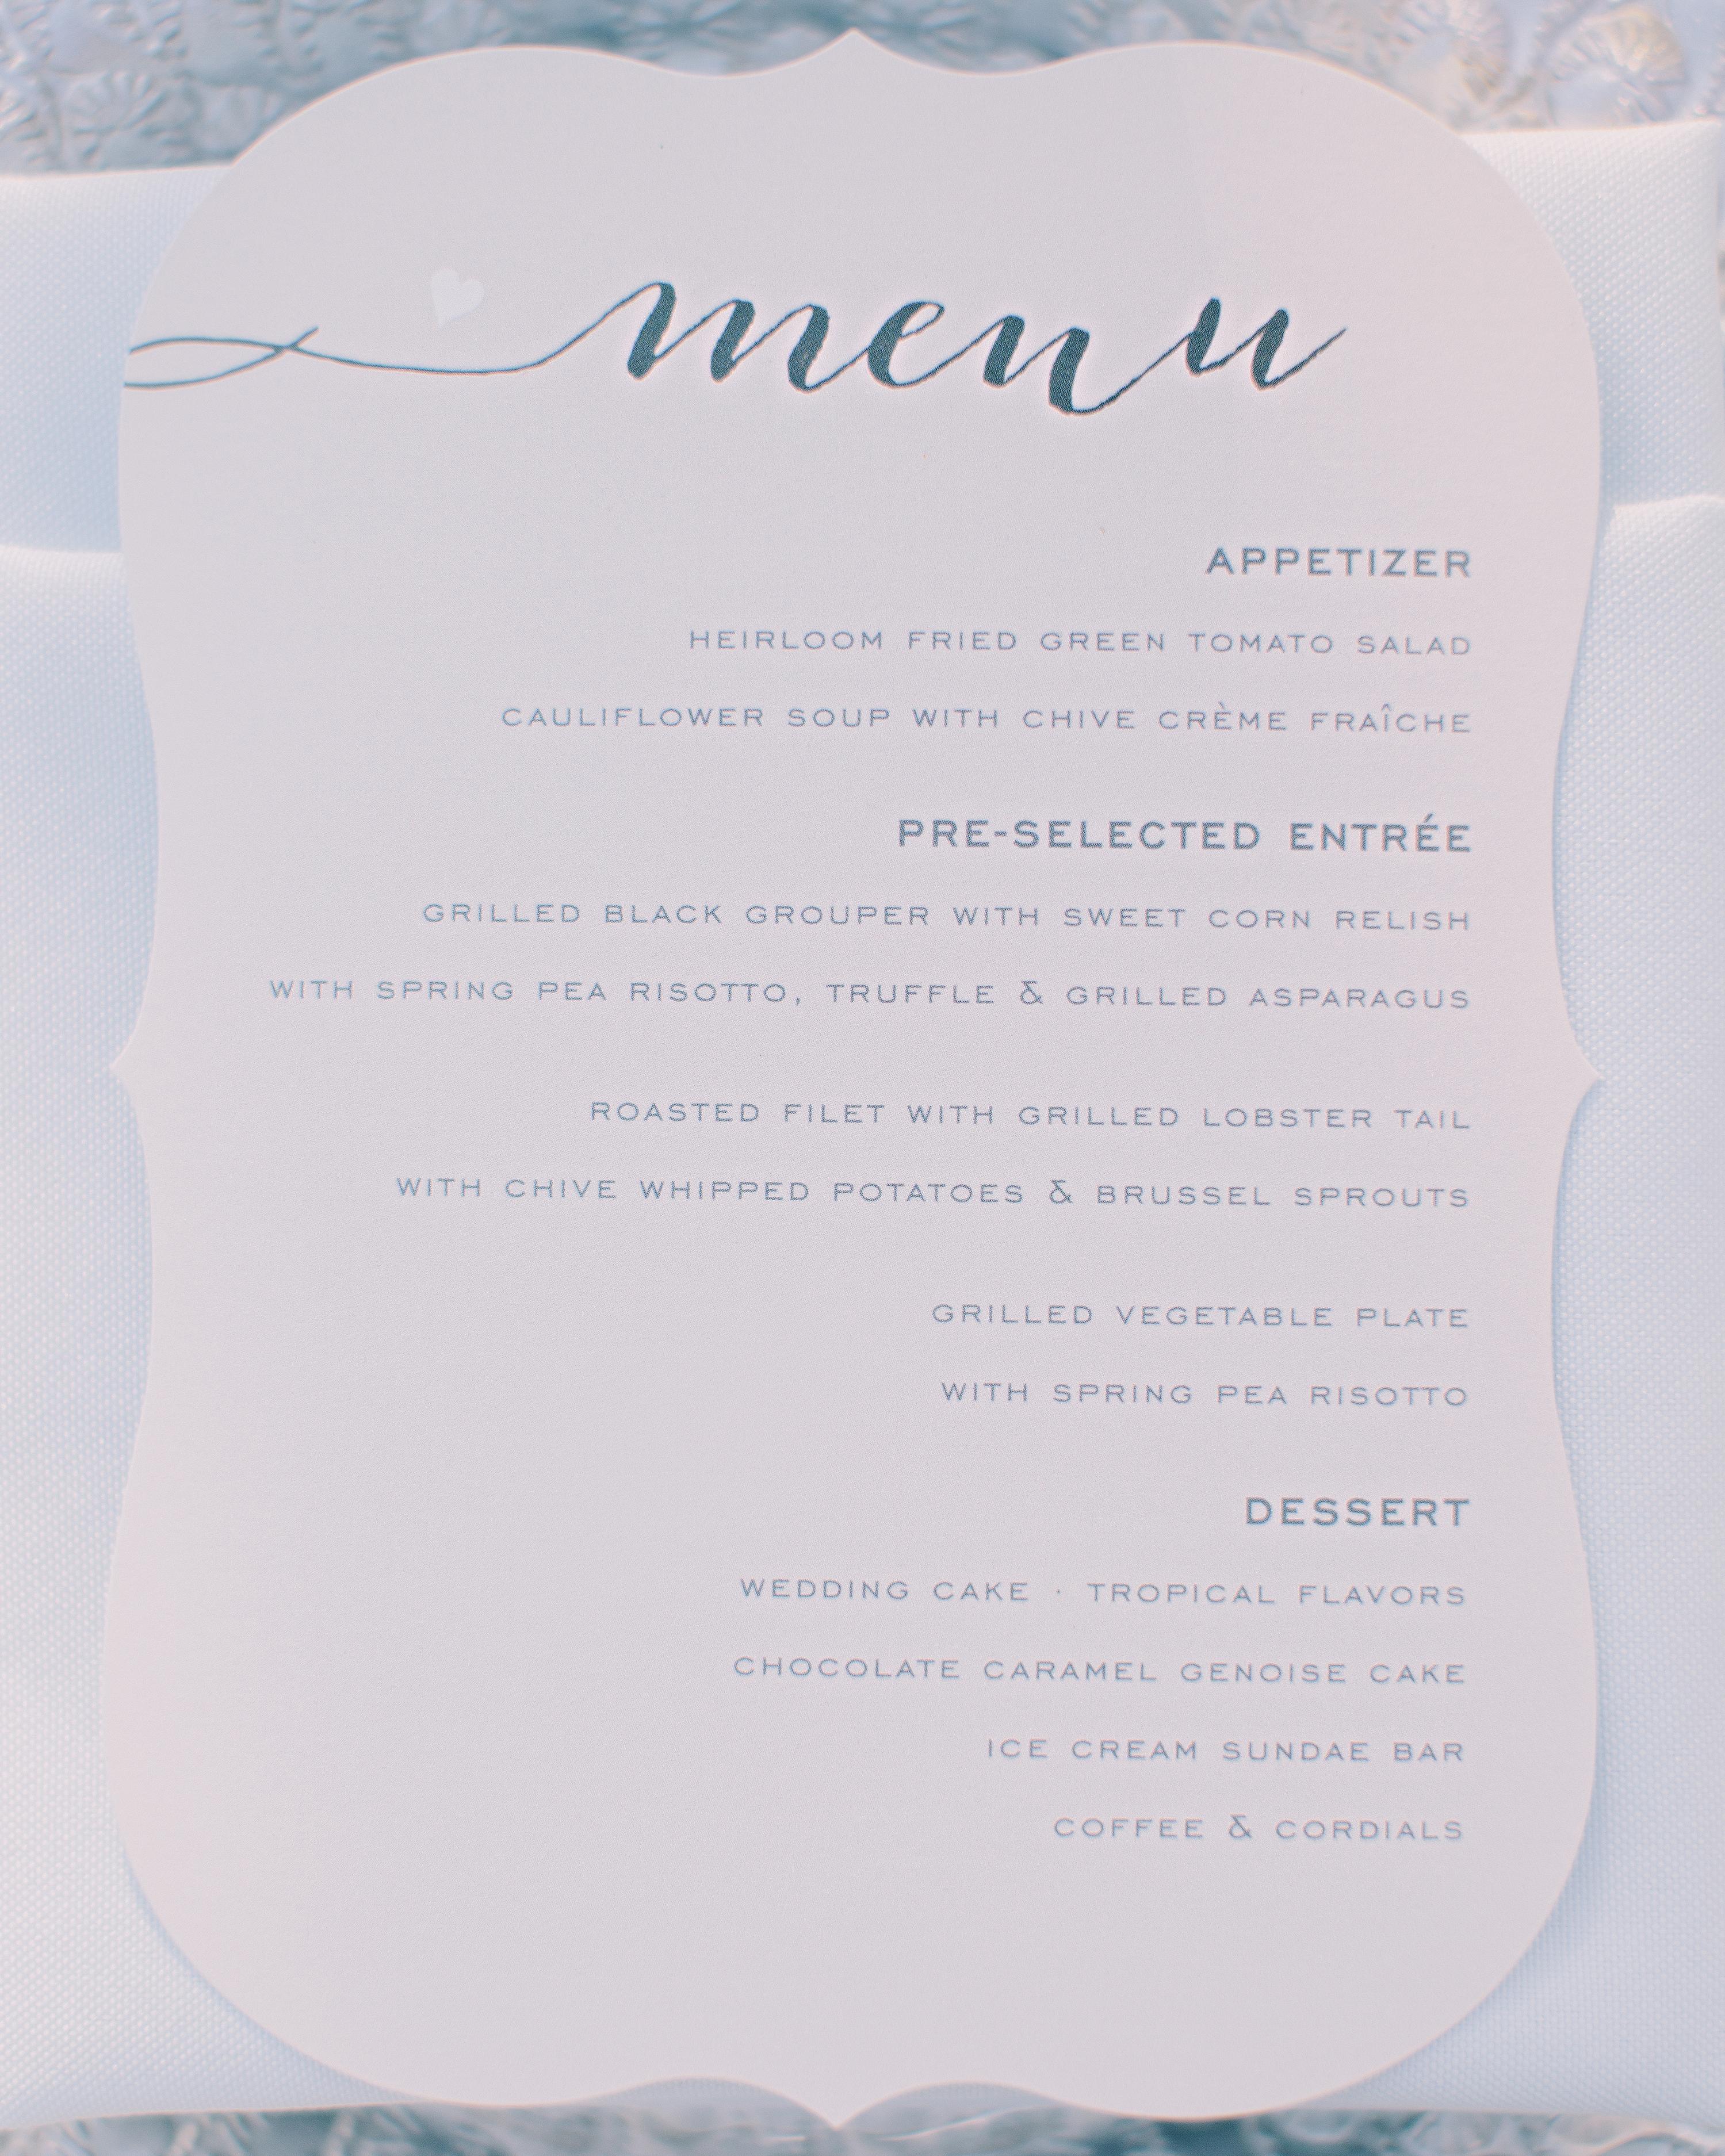 teresa-amanda-wedding-menu-0046-s111694-1114.jpg